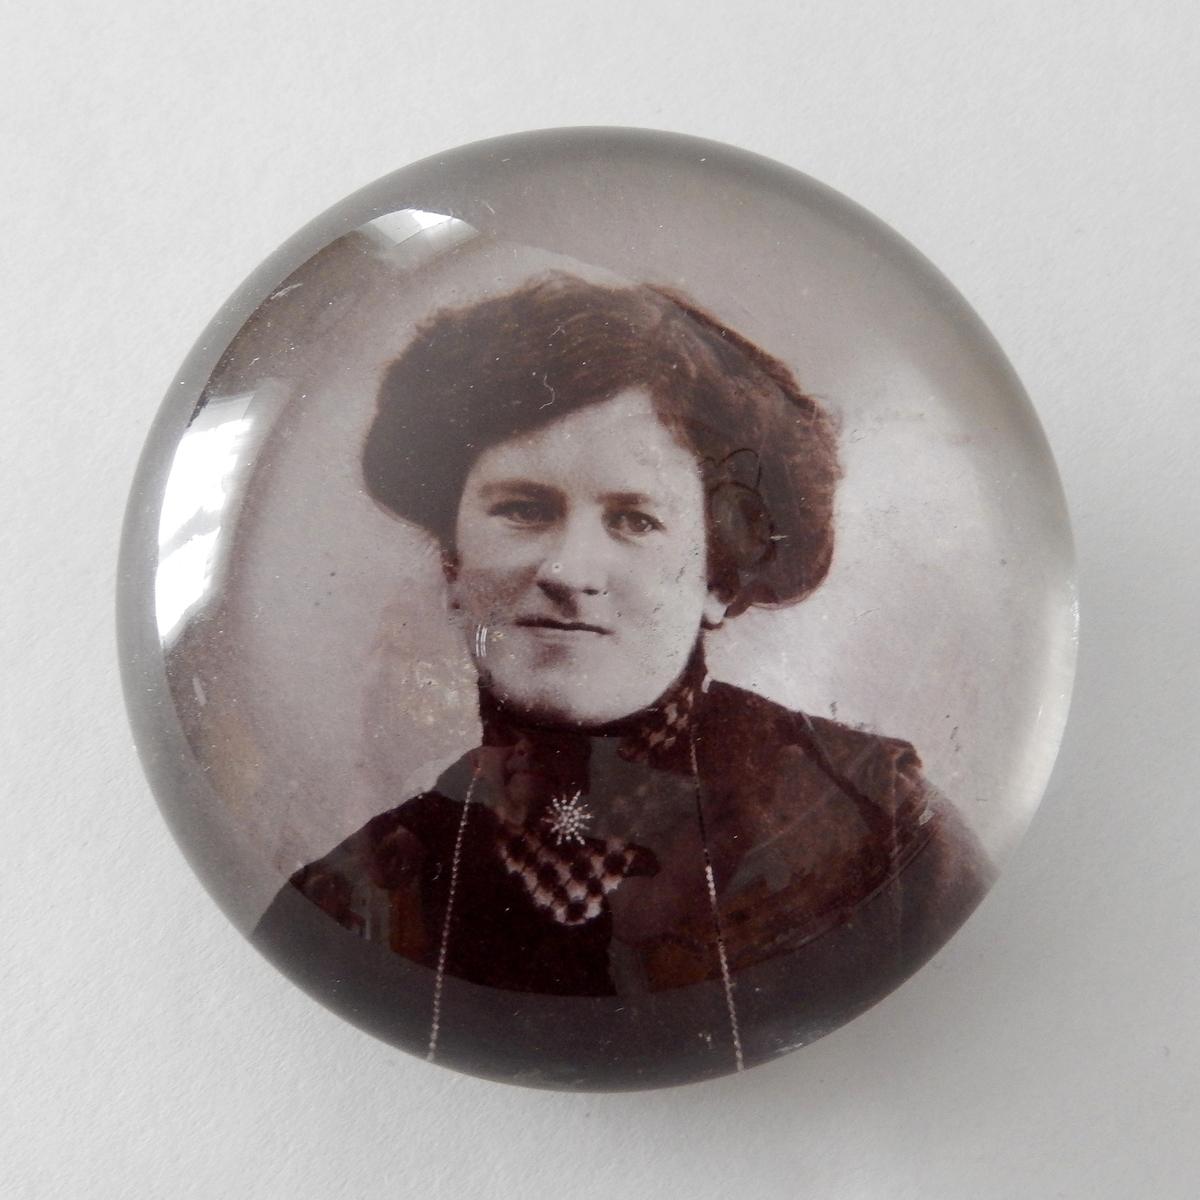 Brevpress av klart glas, halvsfärisk. I botten svartvitt fotografi föreställande kvinna, bröstbild med mörk klänning och mörkt uppsatt hår.